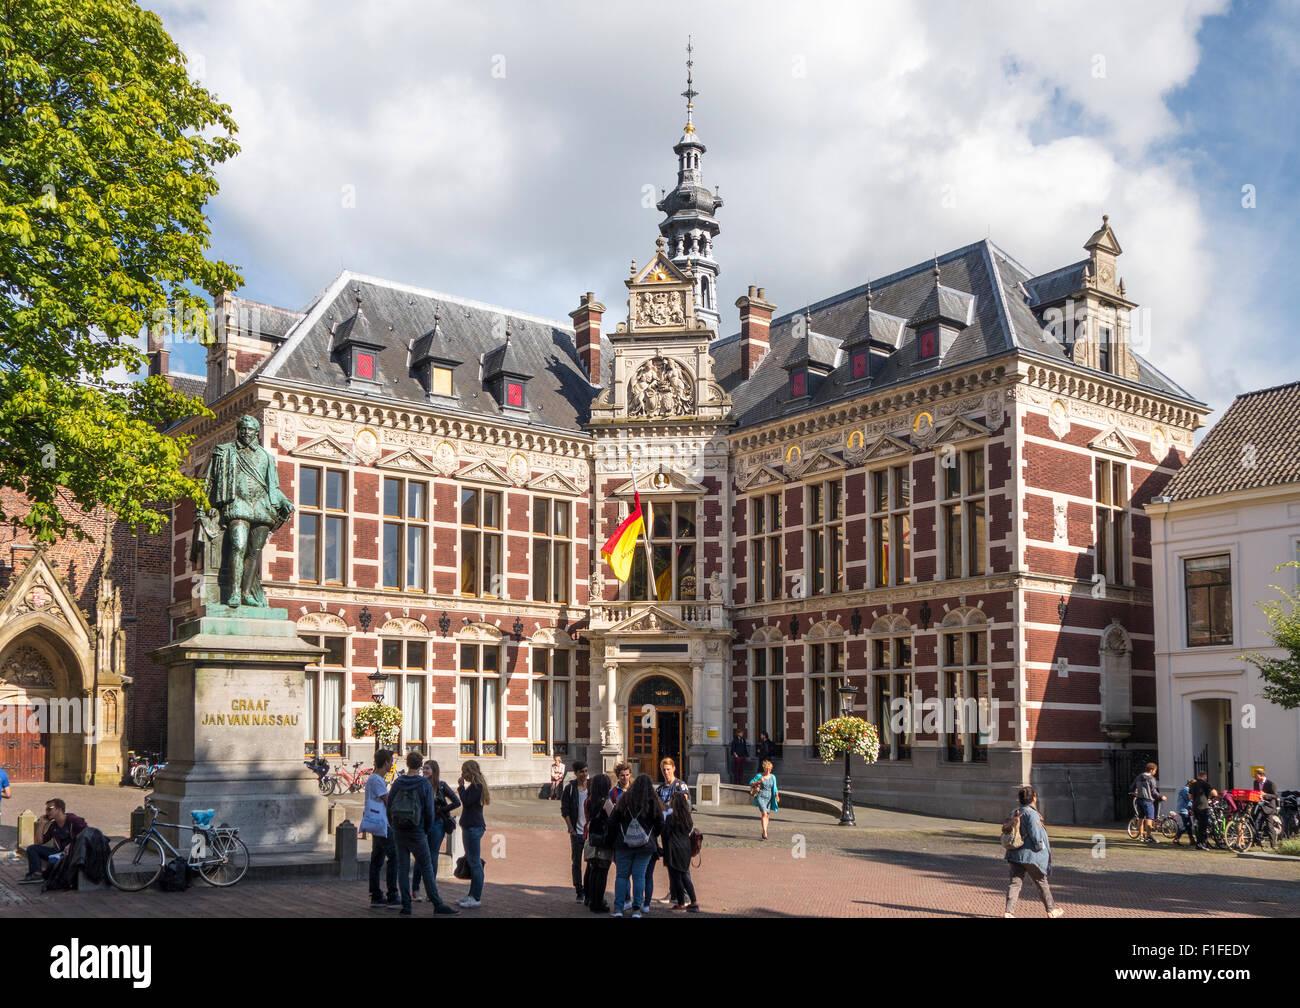 L'Université d'Utrecht, Utrecht, Pays-Bas, avec les élèves. Academiegebouw Domplein, ou Dom Photo Stock